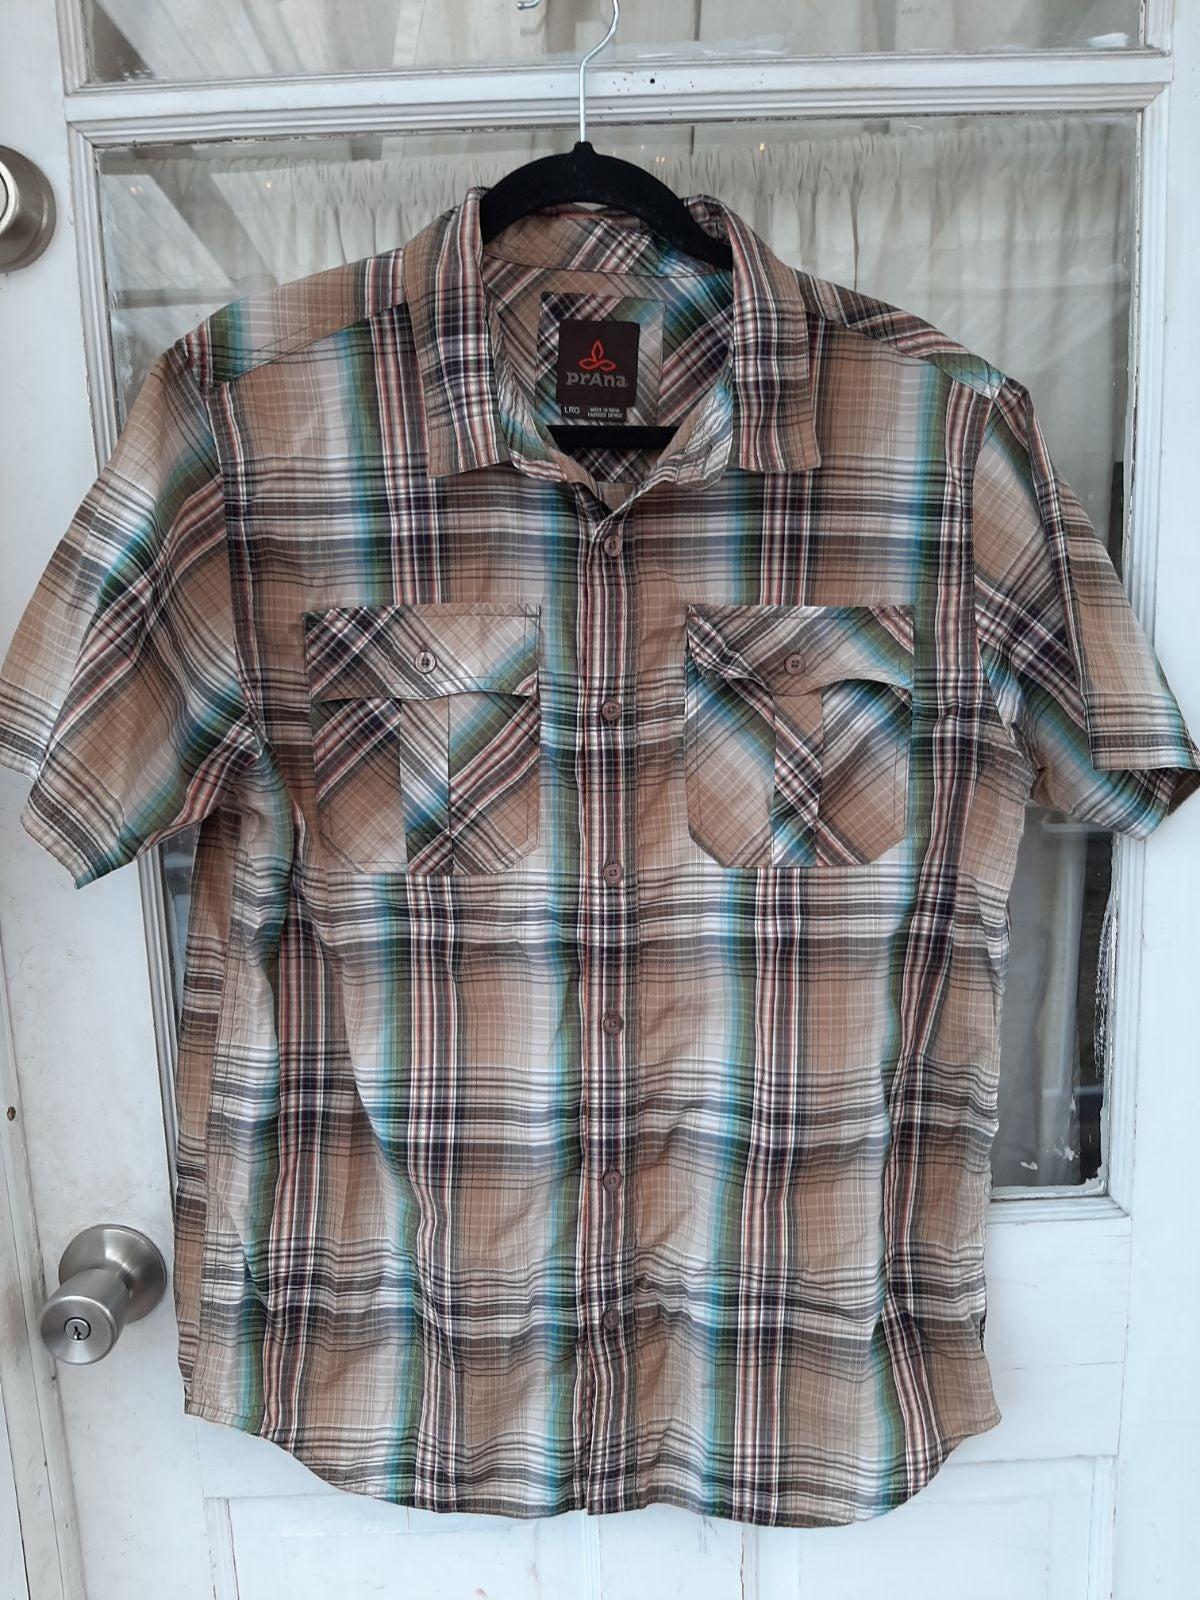 PRANA Mens Plaid Short Sleeve Shirts Sz